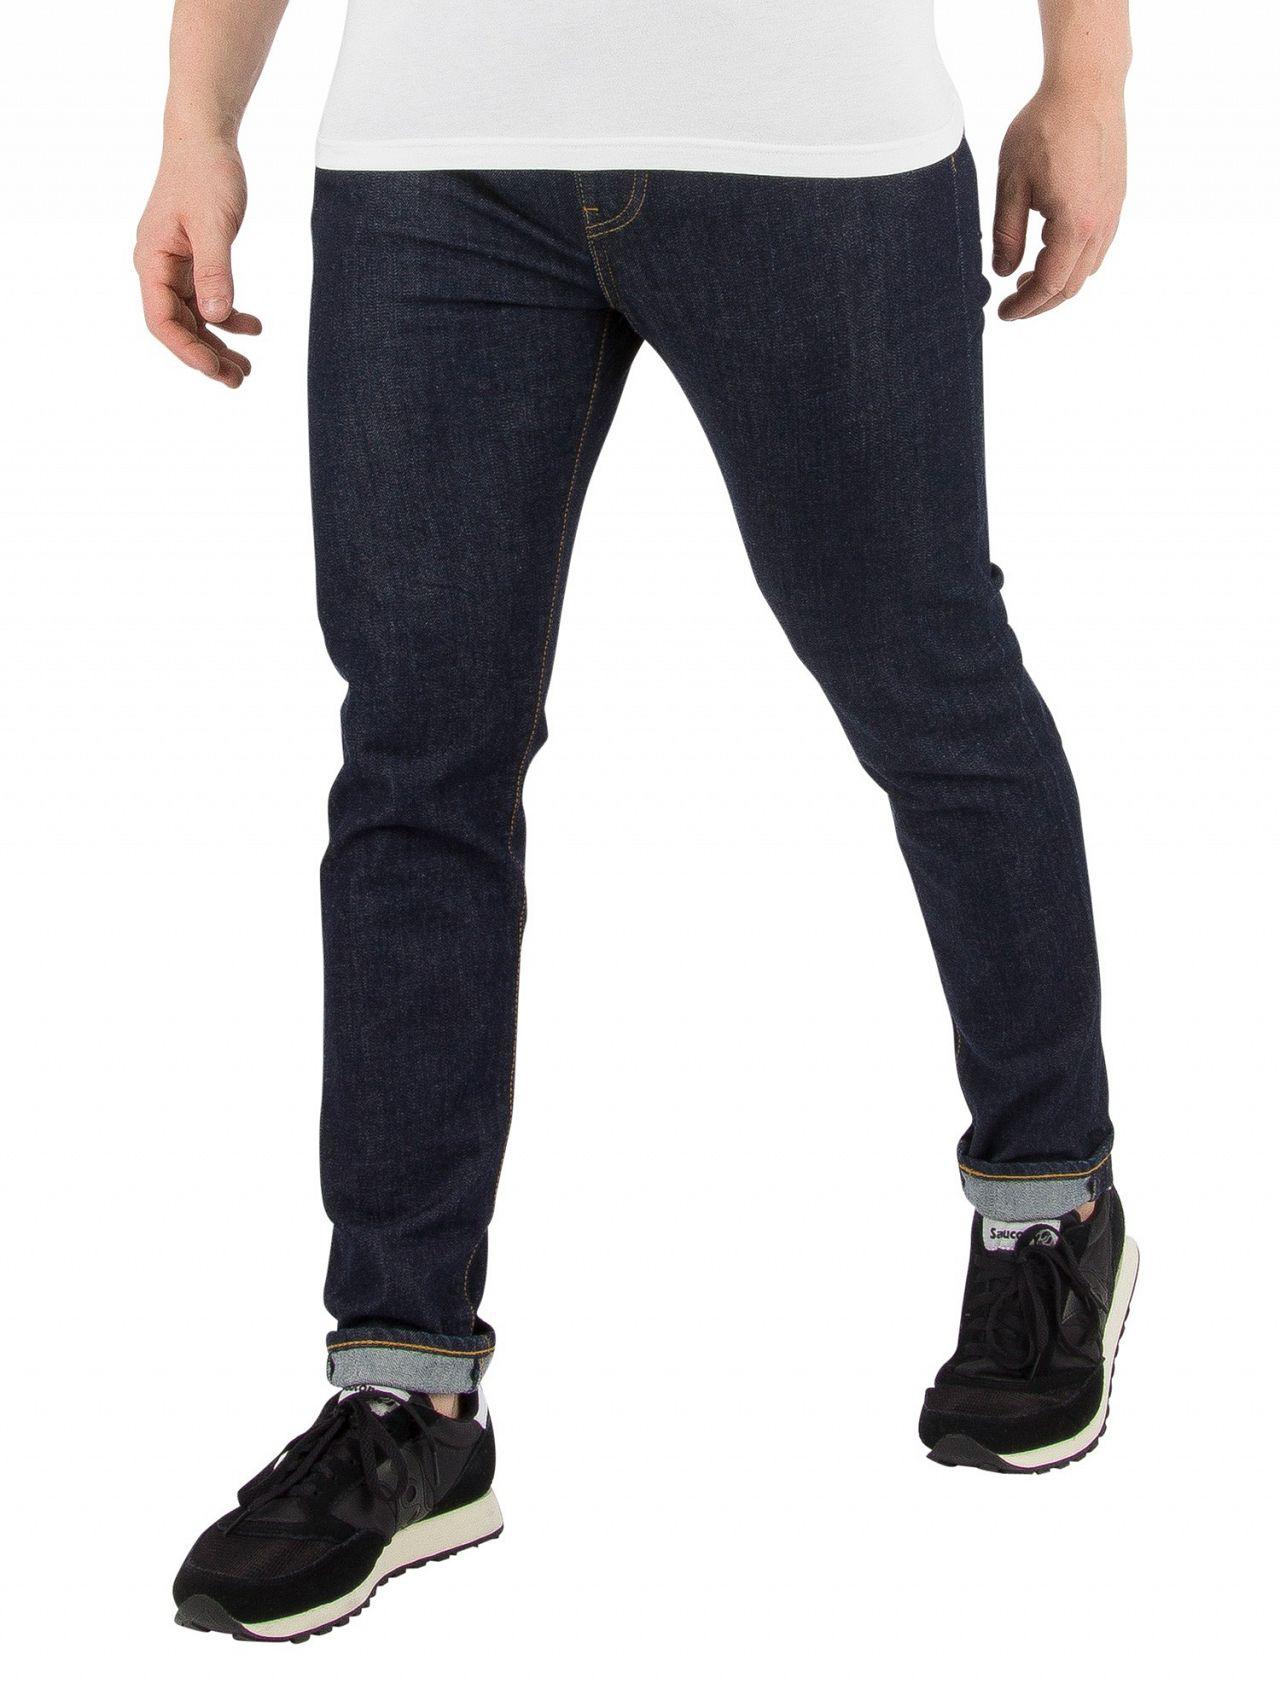 3577ca30e9 Levi s Rock Cod 512 Slim Taper Fit Jeans